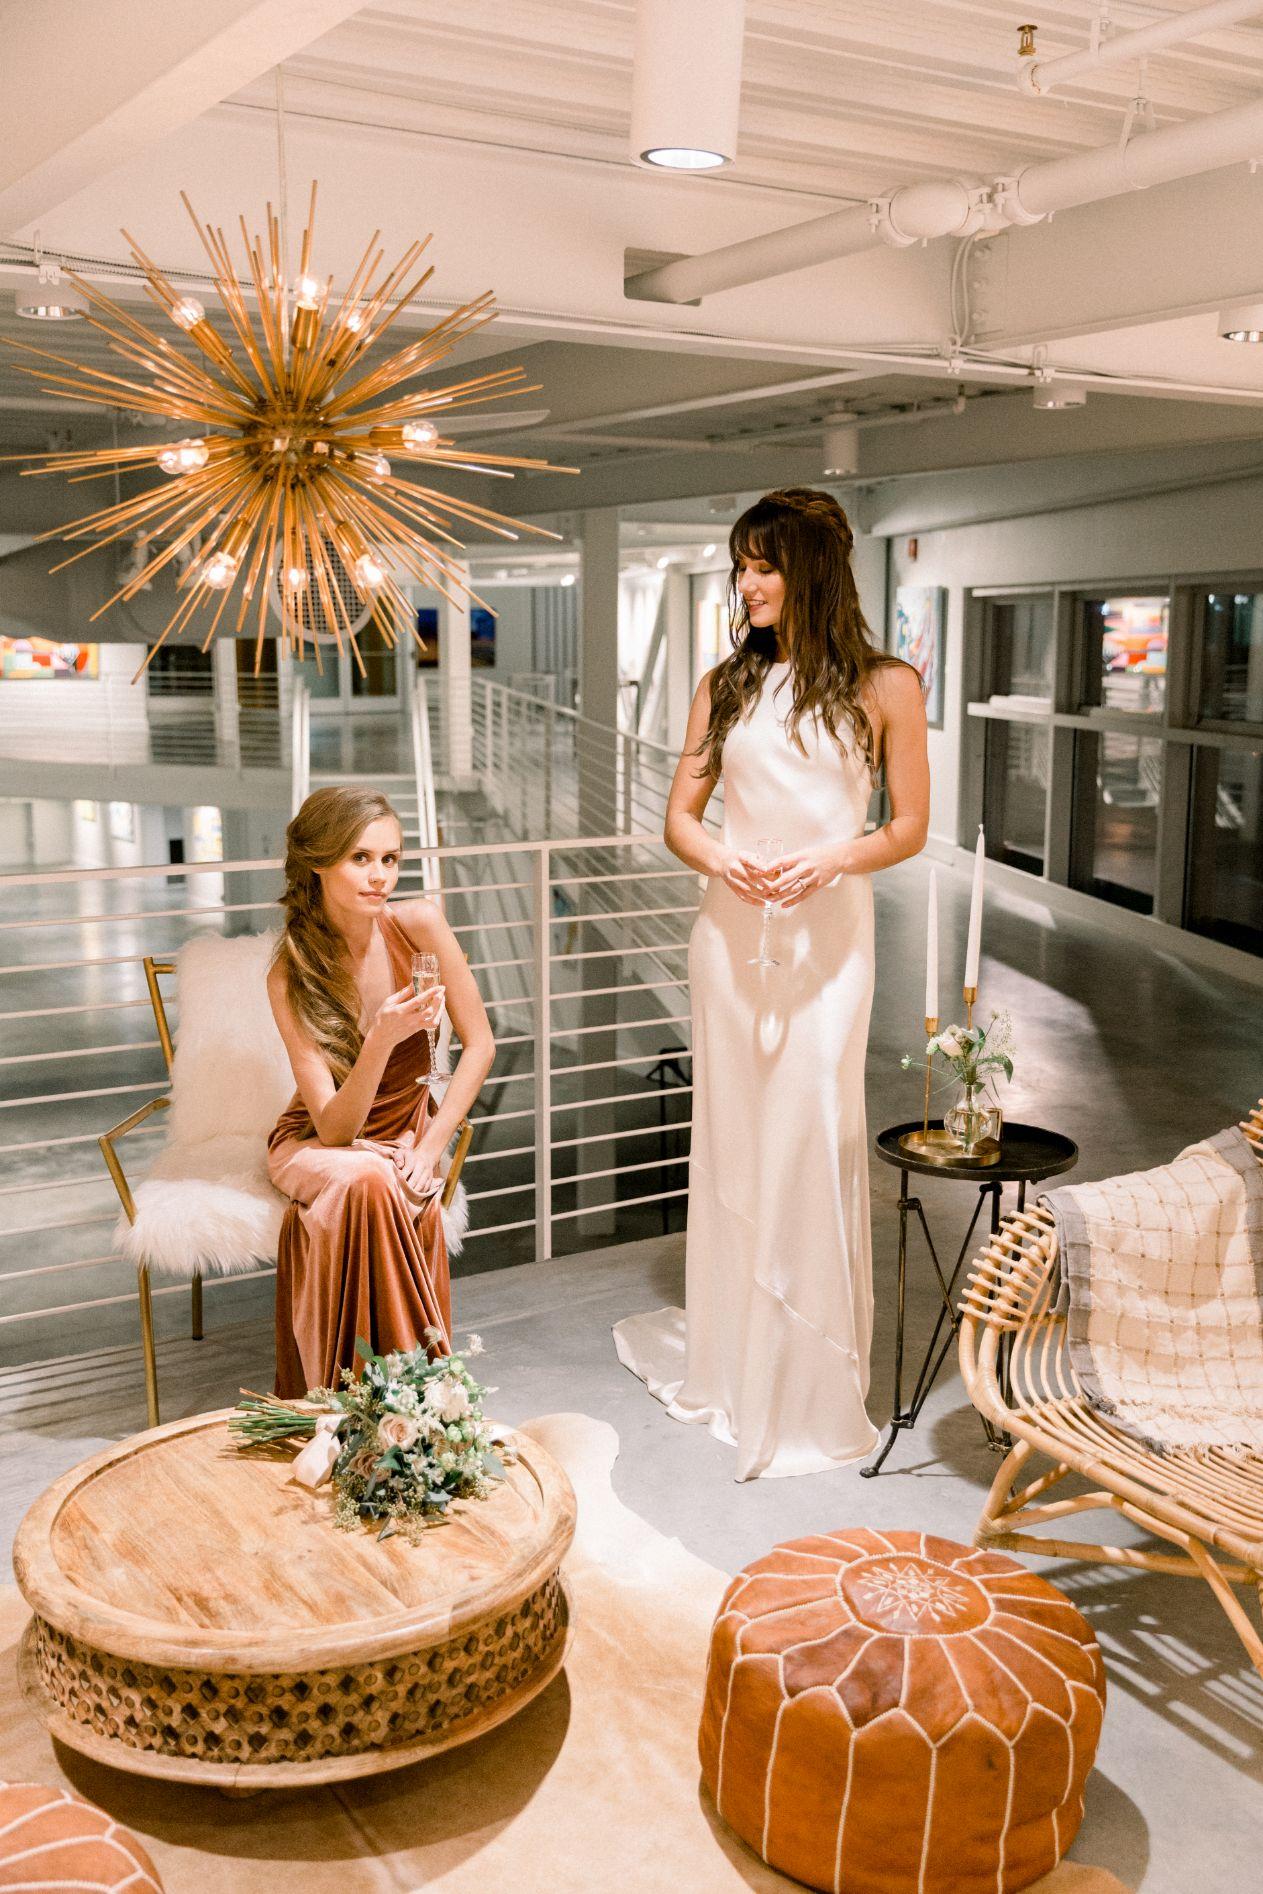 artists-for-humanity-industrial-bohemian-wedding-daylynn-designs369.jpg